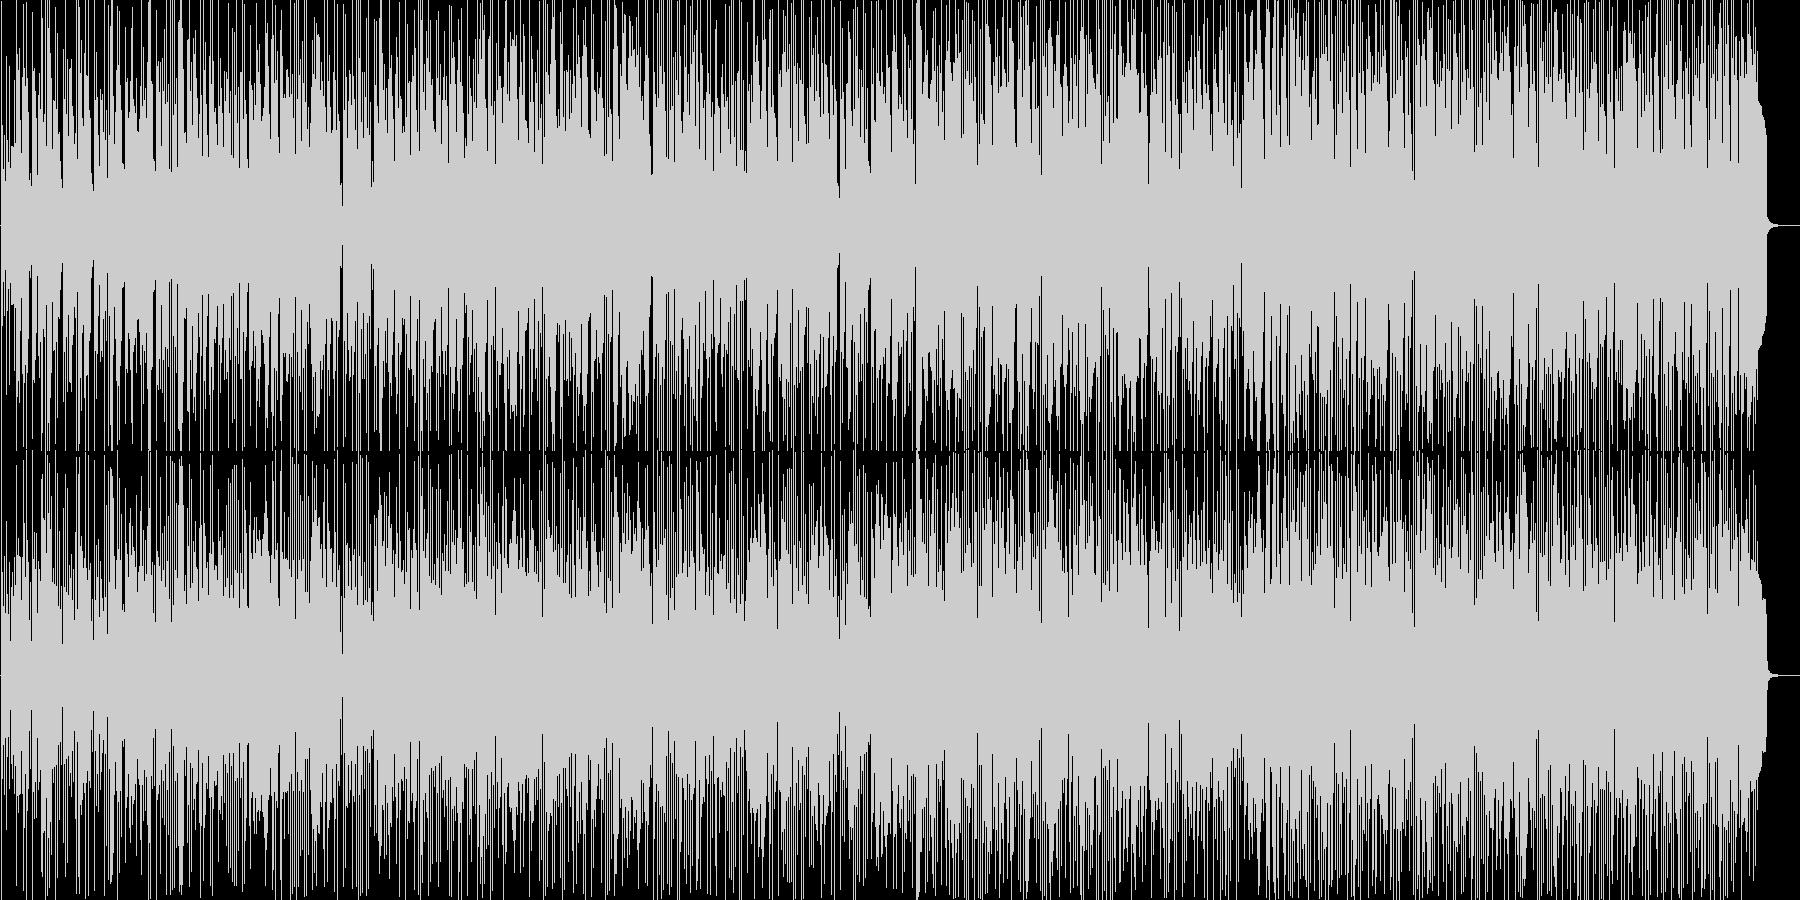 アコギメインの爽やかで軽快なフュージョンの未再生の波形